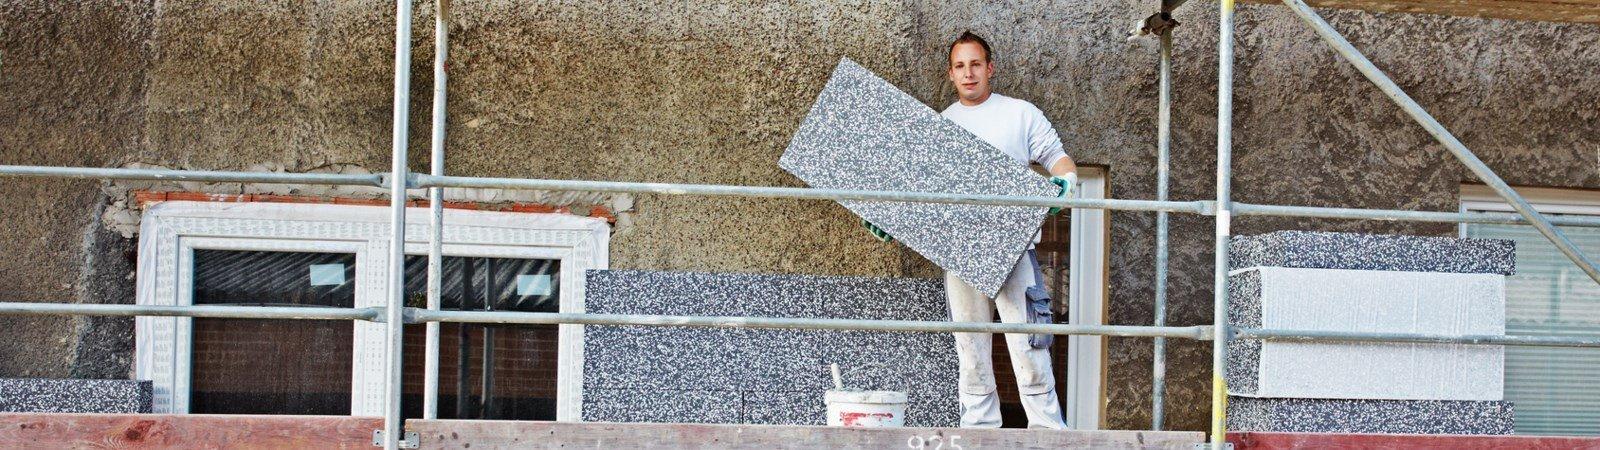 Dämmung am Haus: Energiesparen vom Dach bis in den Keller